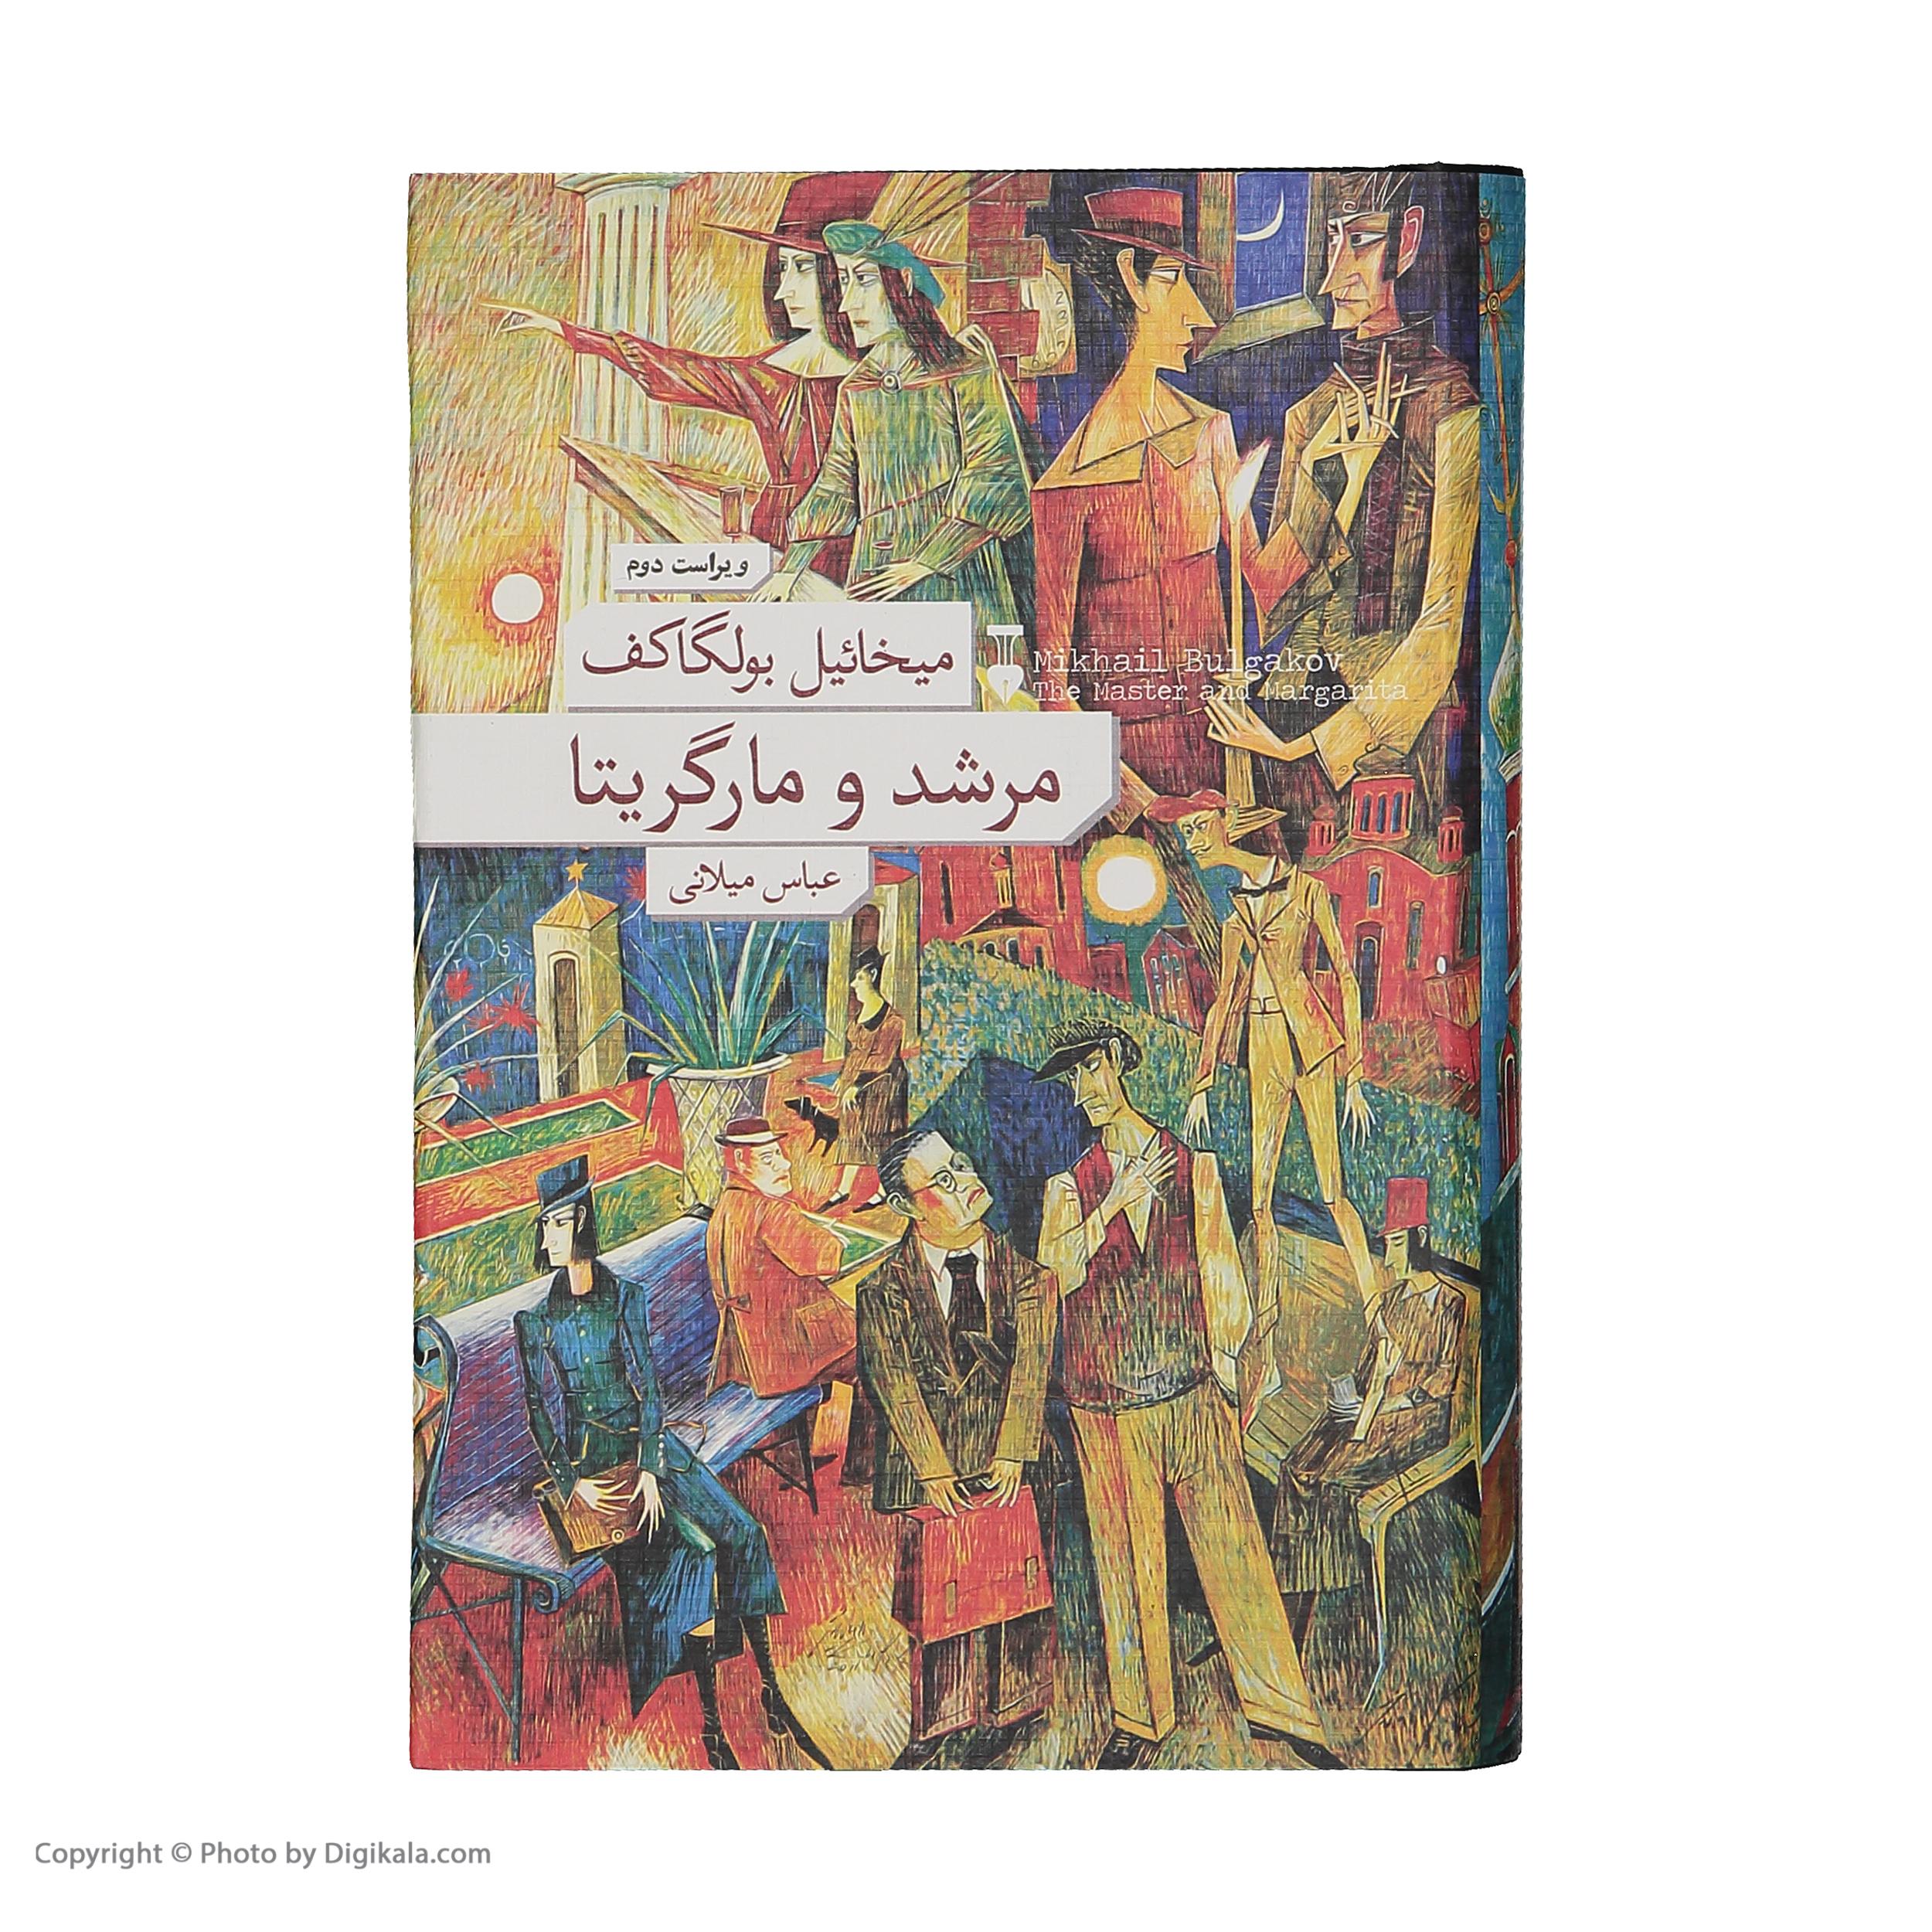 خرید                      کتاب مرشد و مارگریتا اثر میخائیل بولگاکف نشر نو